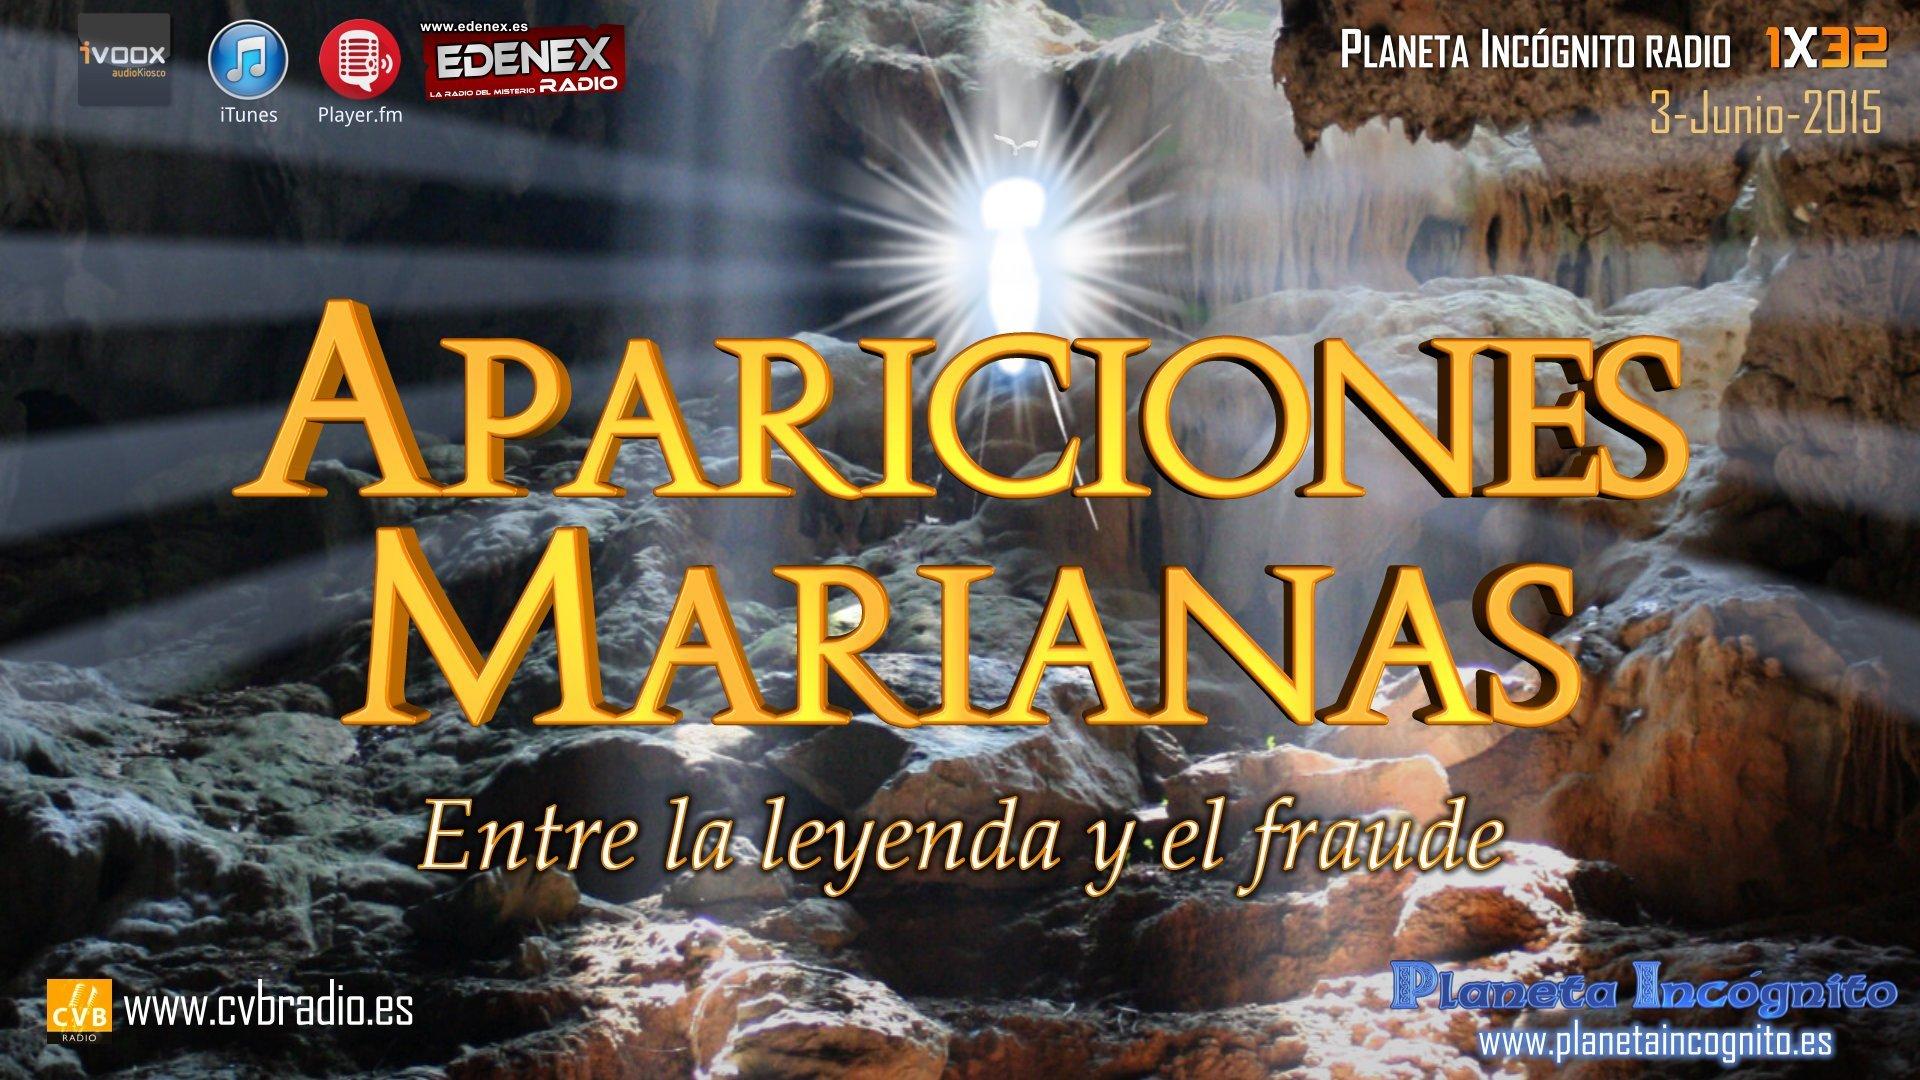 Planeta Incógnito 01x32 Apariciones Marianas : Entre la Leyenda y el Fraude 3